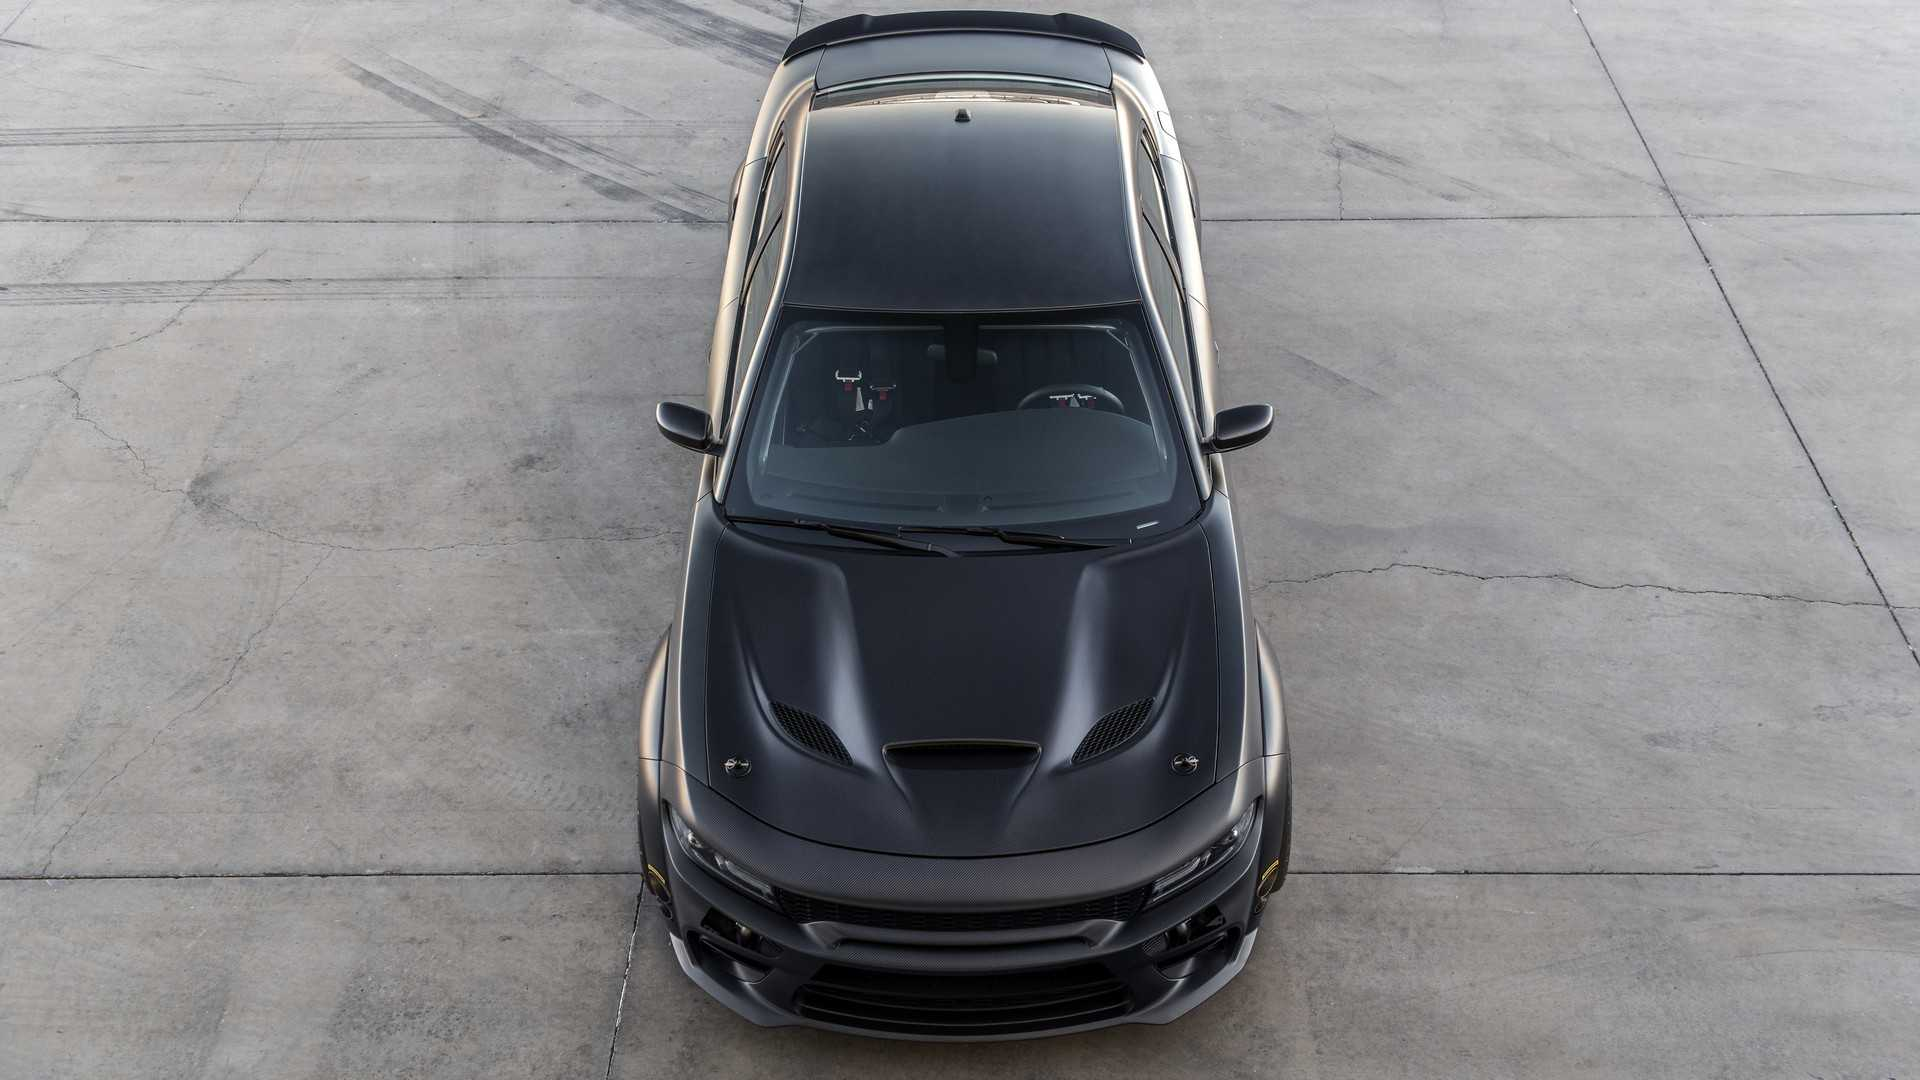 دودج تشارجر معدلة بقوة تضاهي بوجاتي شيرون! SpeedKore-Dodge-Charger-8.jpg